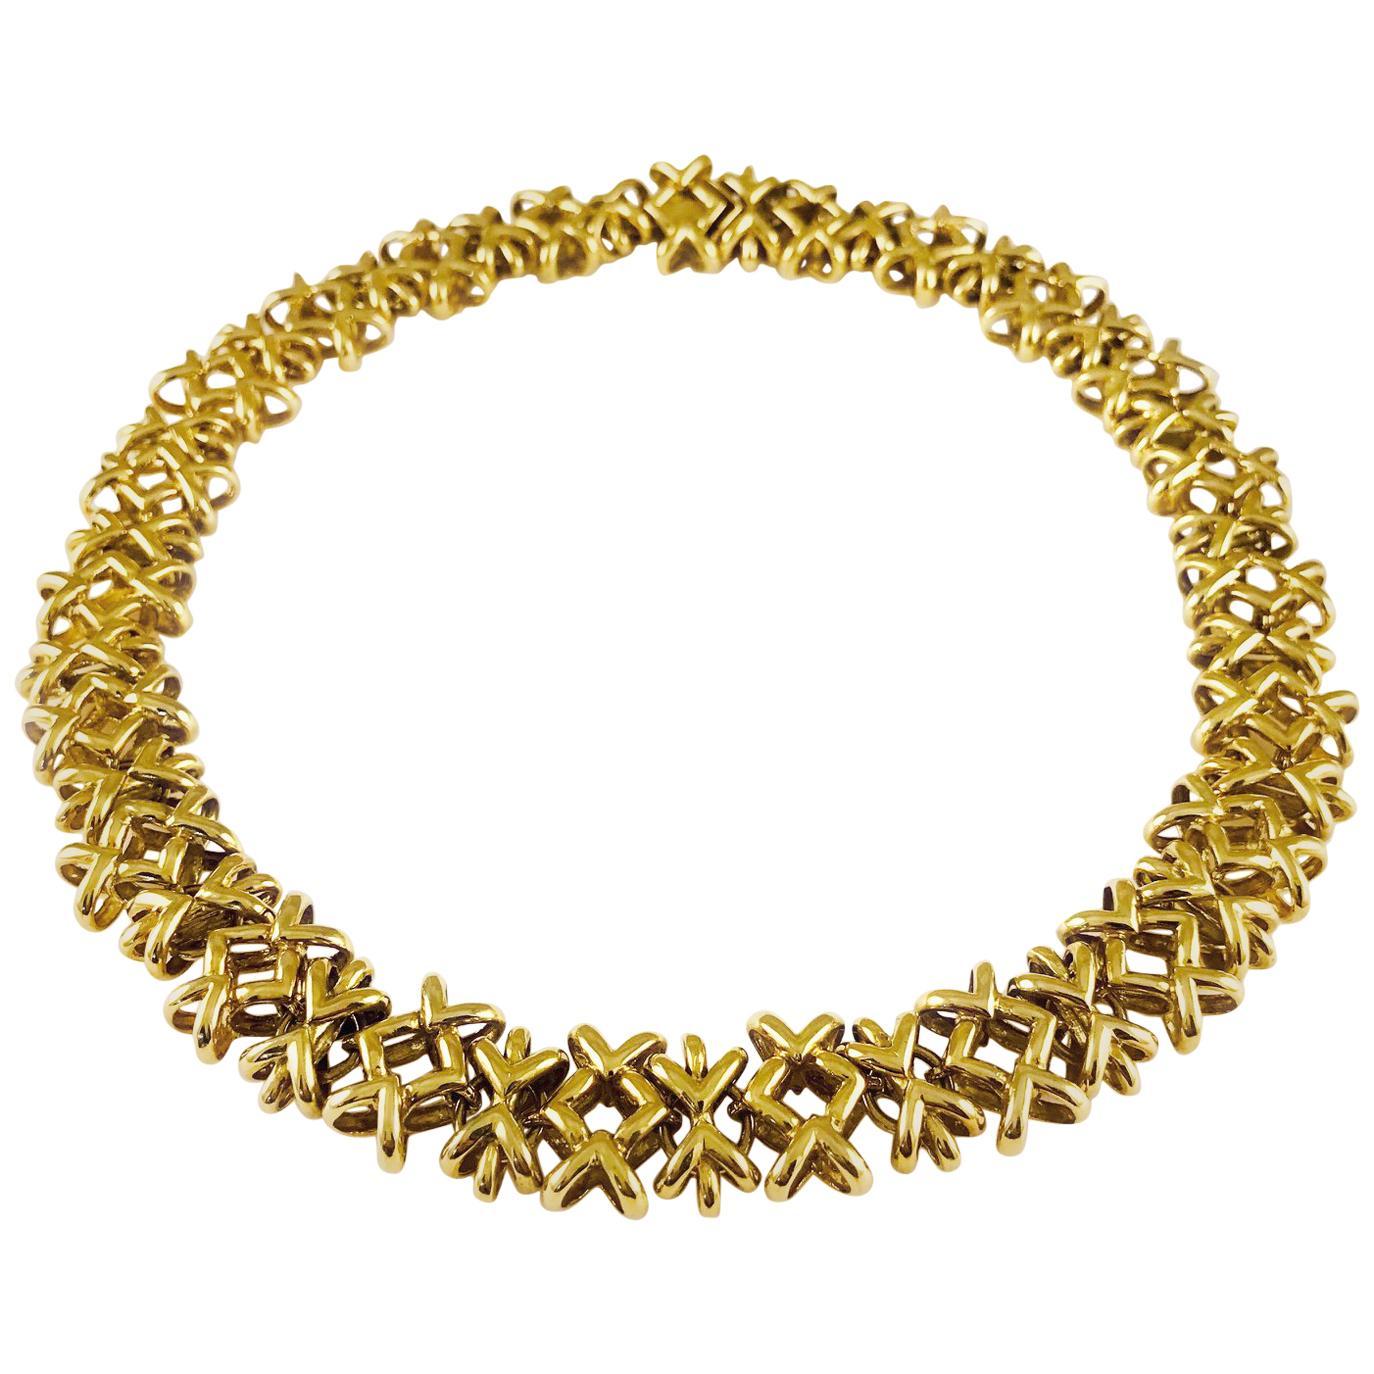 18 Karat Gold Crisscross Link Necklace